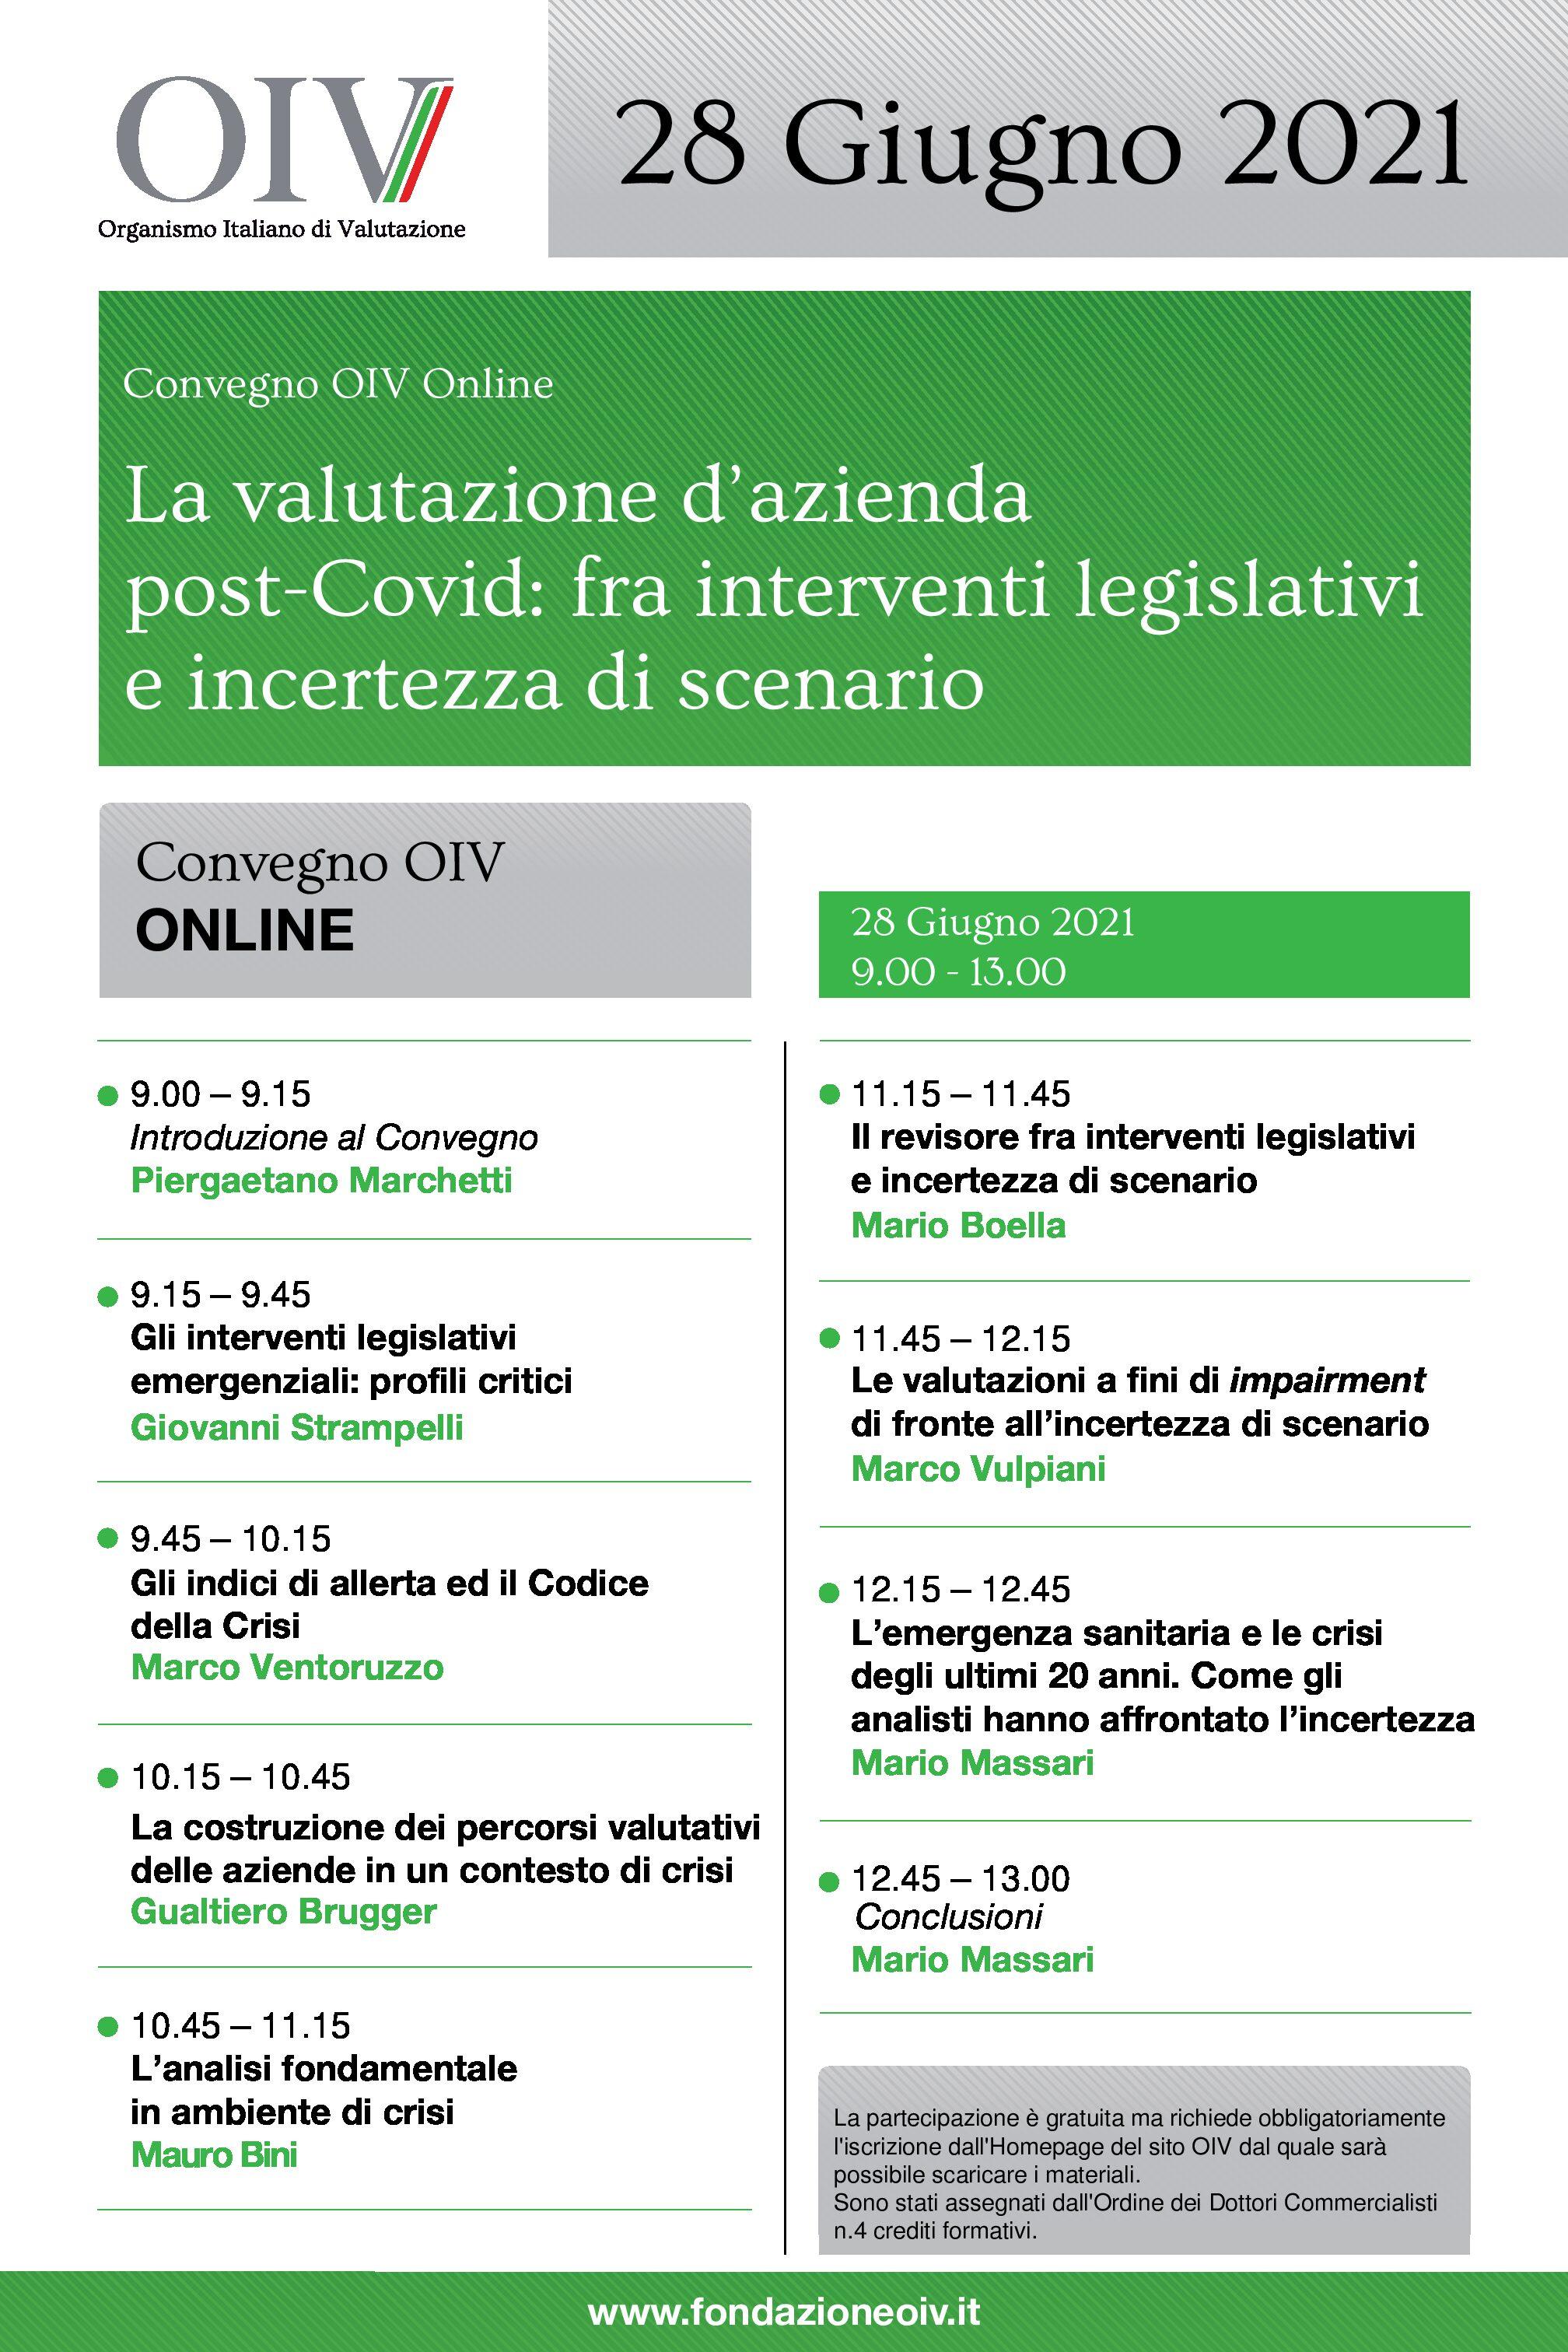 I Convegno OIV online sulla Valutazione d'Azienda post-Covid, 28.6.2021